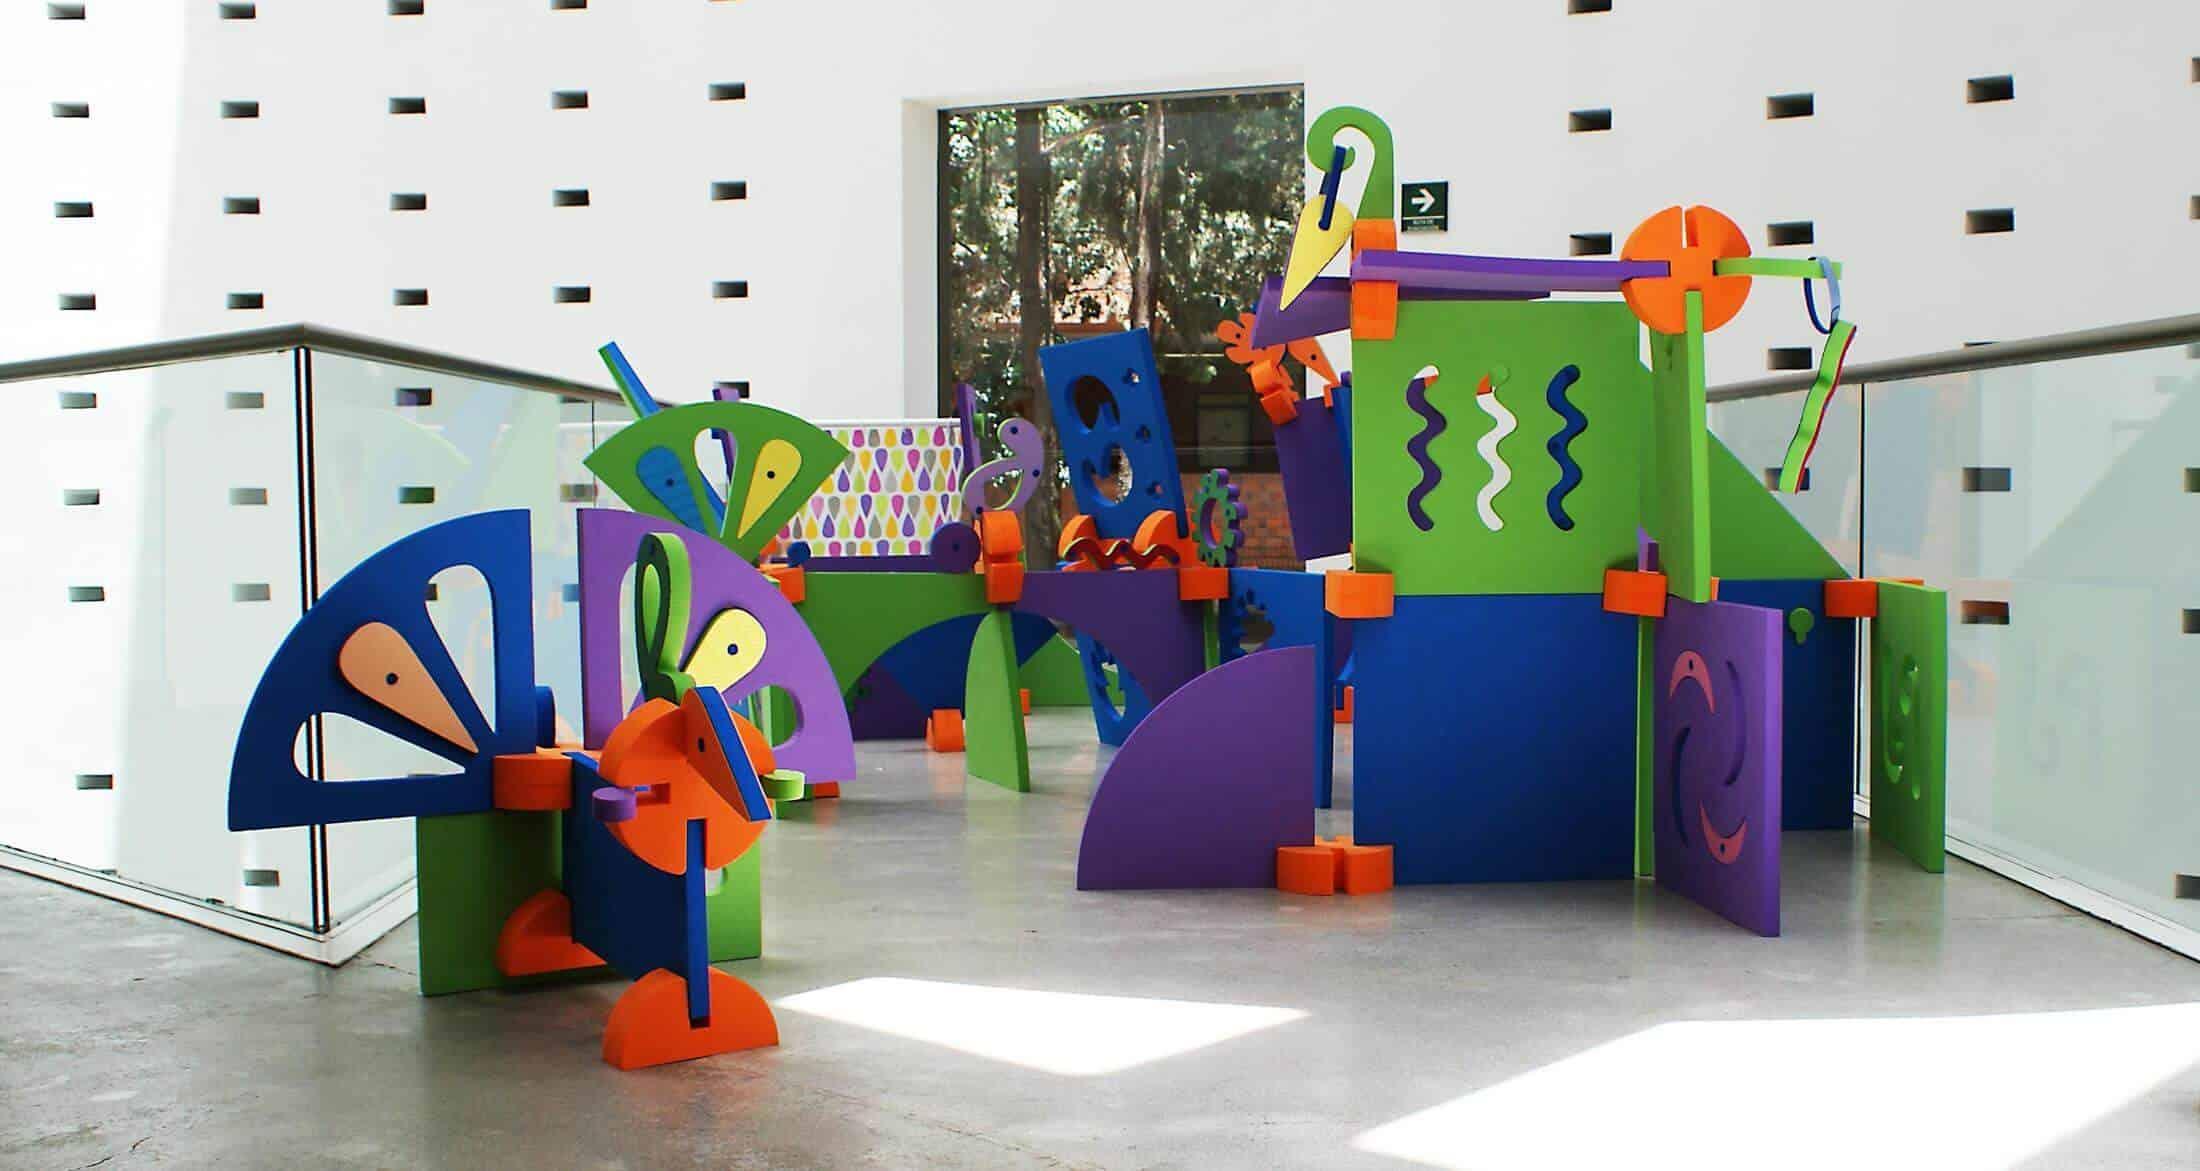 En Premia La Inclusivo Diseña Ibero México Juguete Desarrollado MSpUzVq